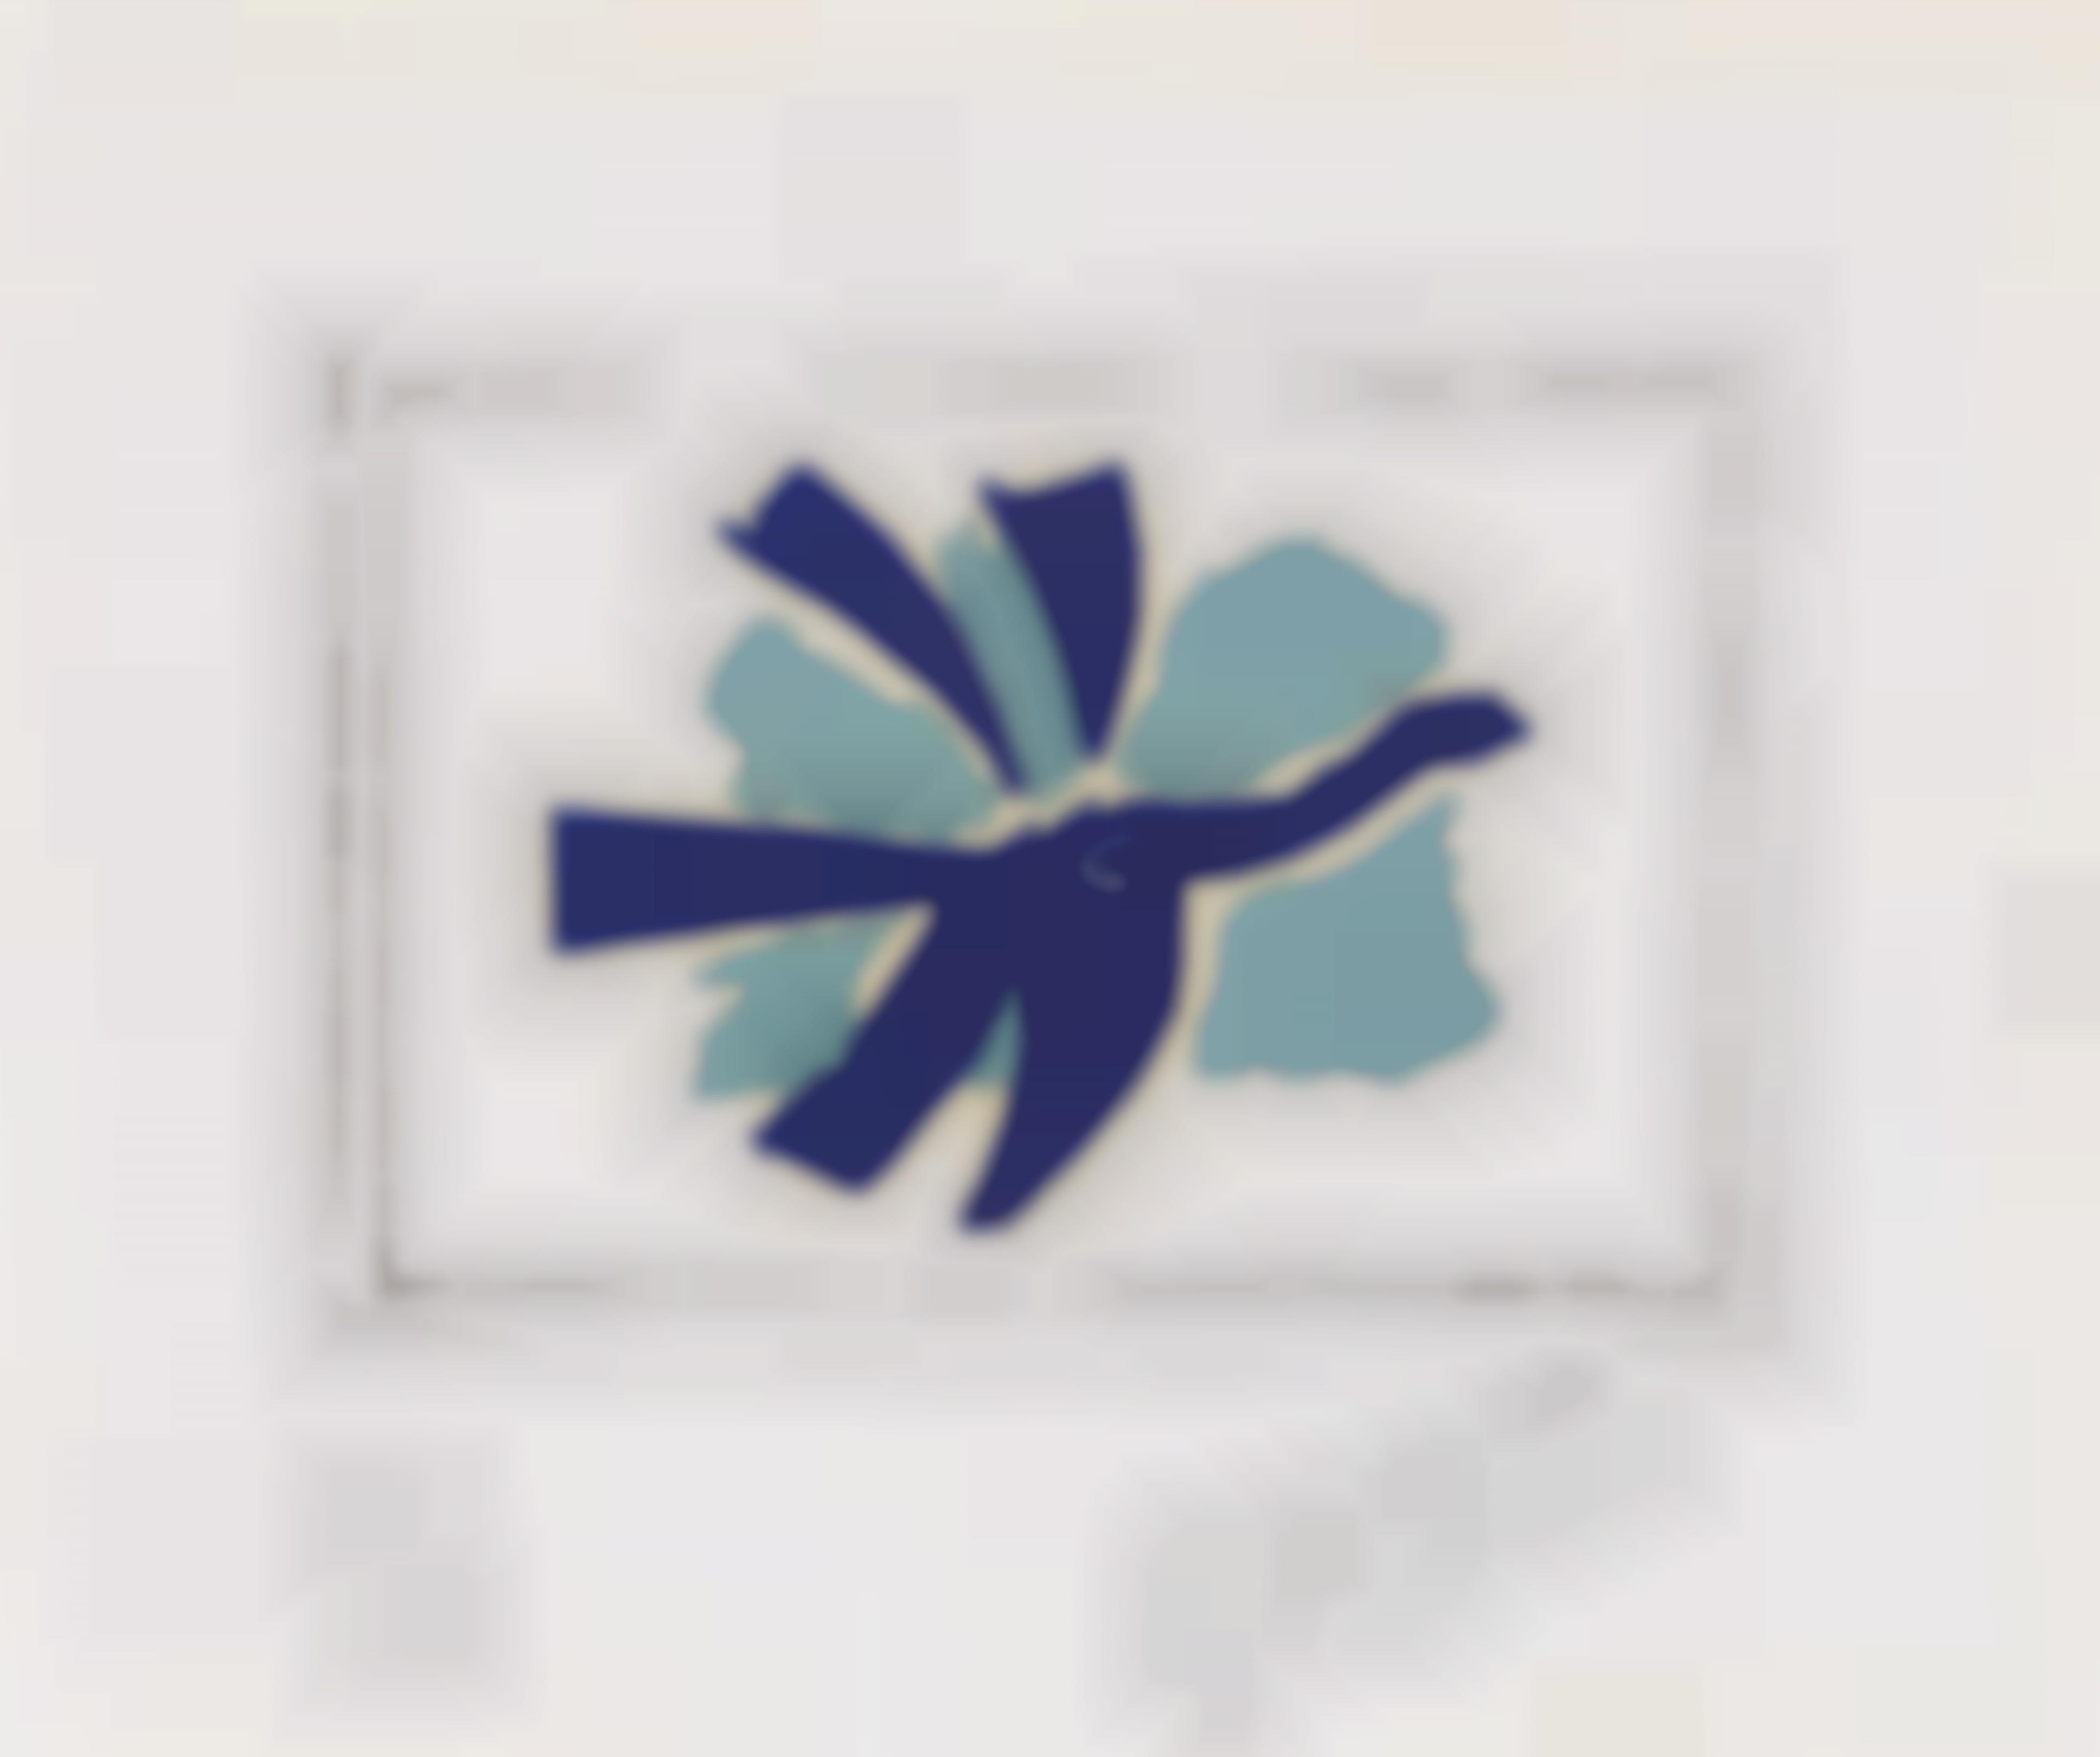 Georges Braque-Le Ciel Bleu (The Blue Sky)-1962